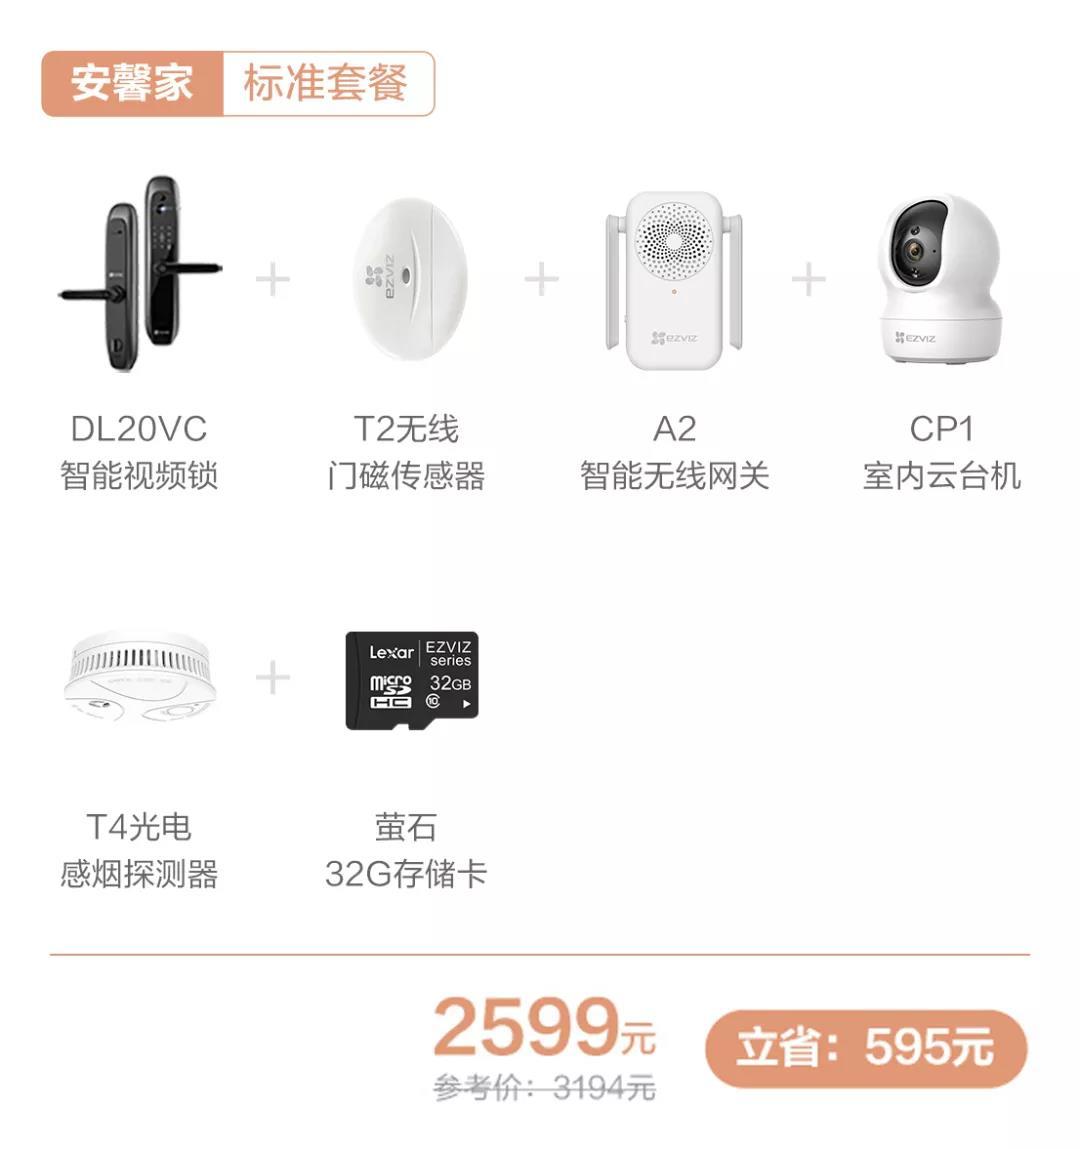 萤石:新手小白如何花¥2000+打造智能家?